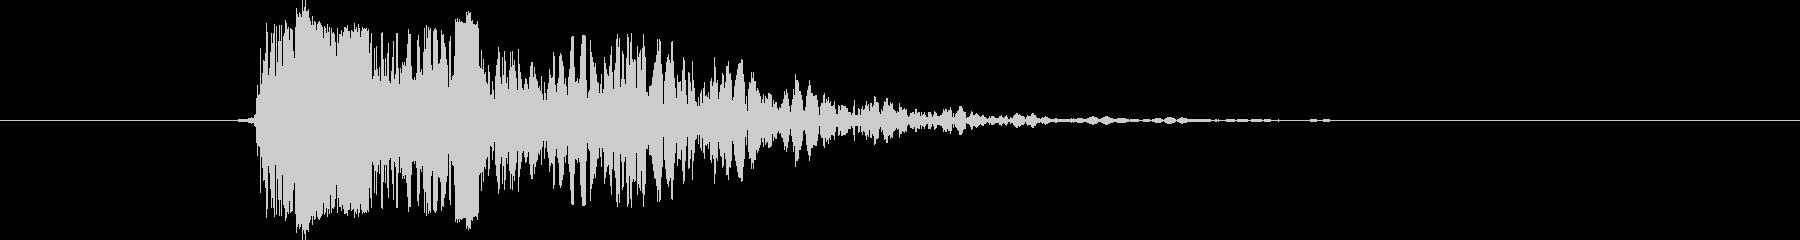 ライフル アサルトライフルファイア03の未再生の波形